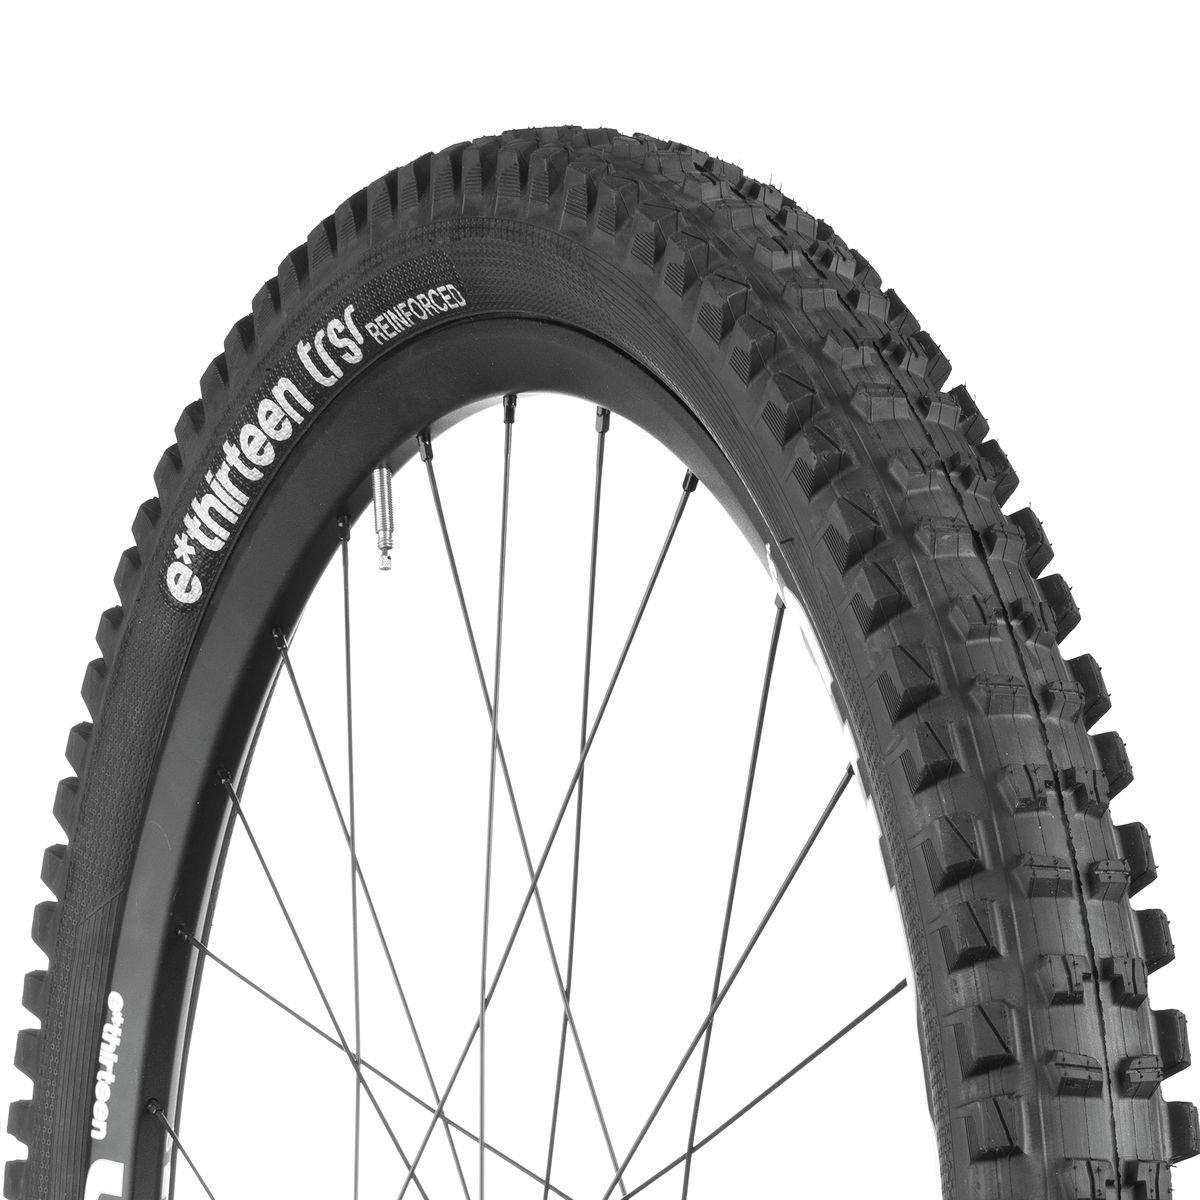 E13 TRS Mehr Fahrradreifen, Unisex, Uni, TRS Plus